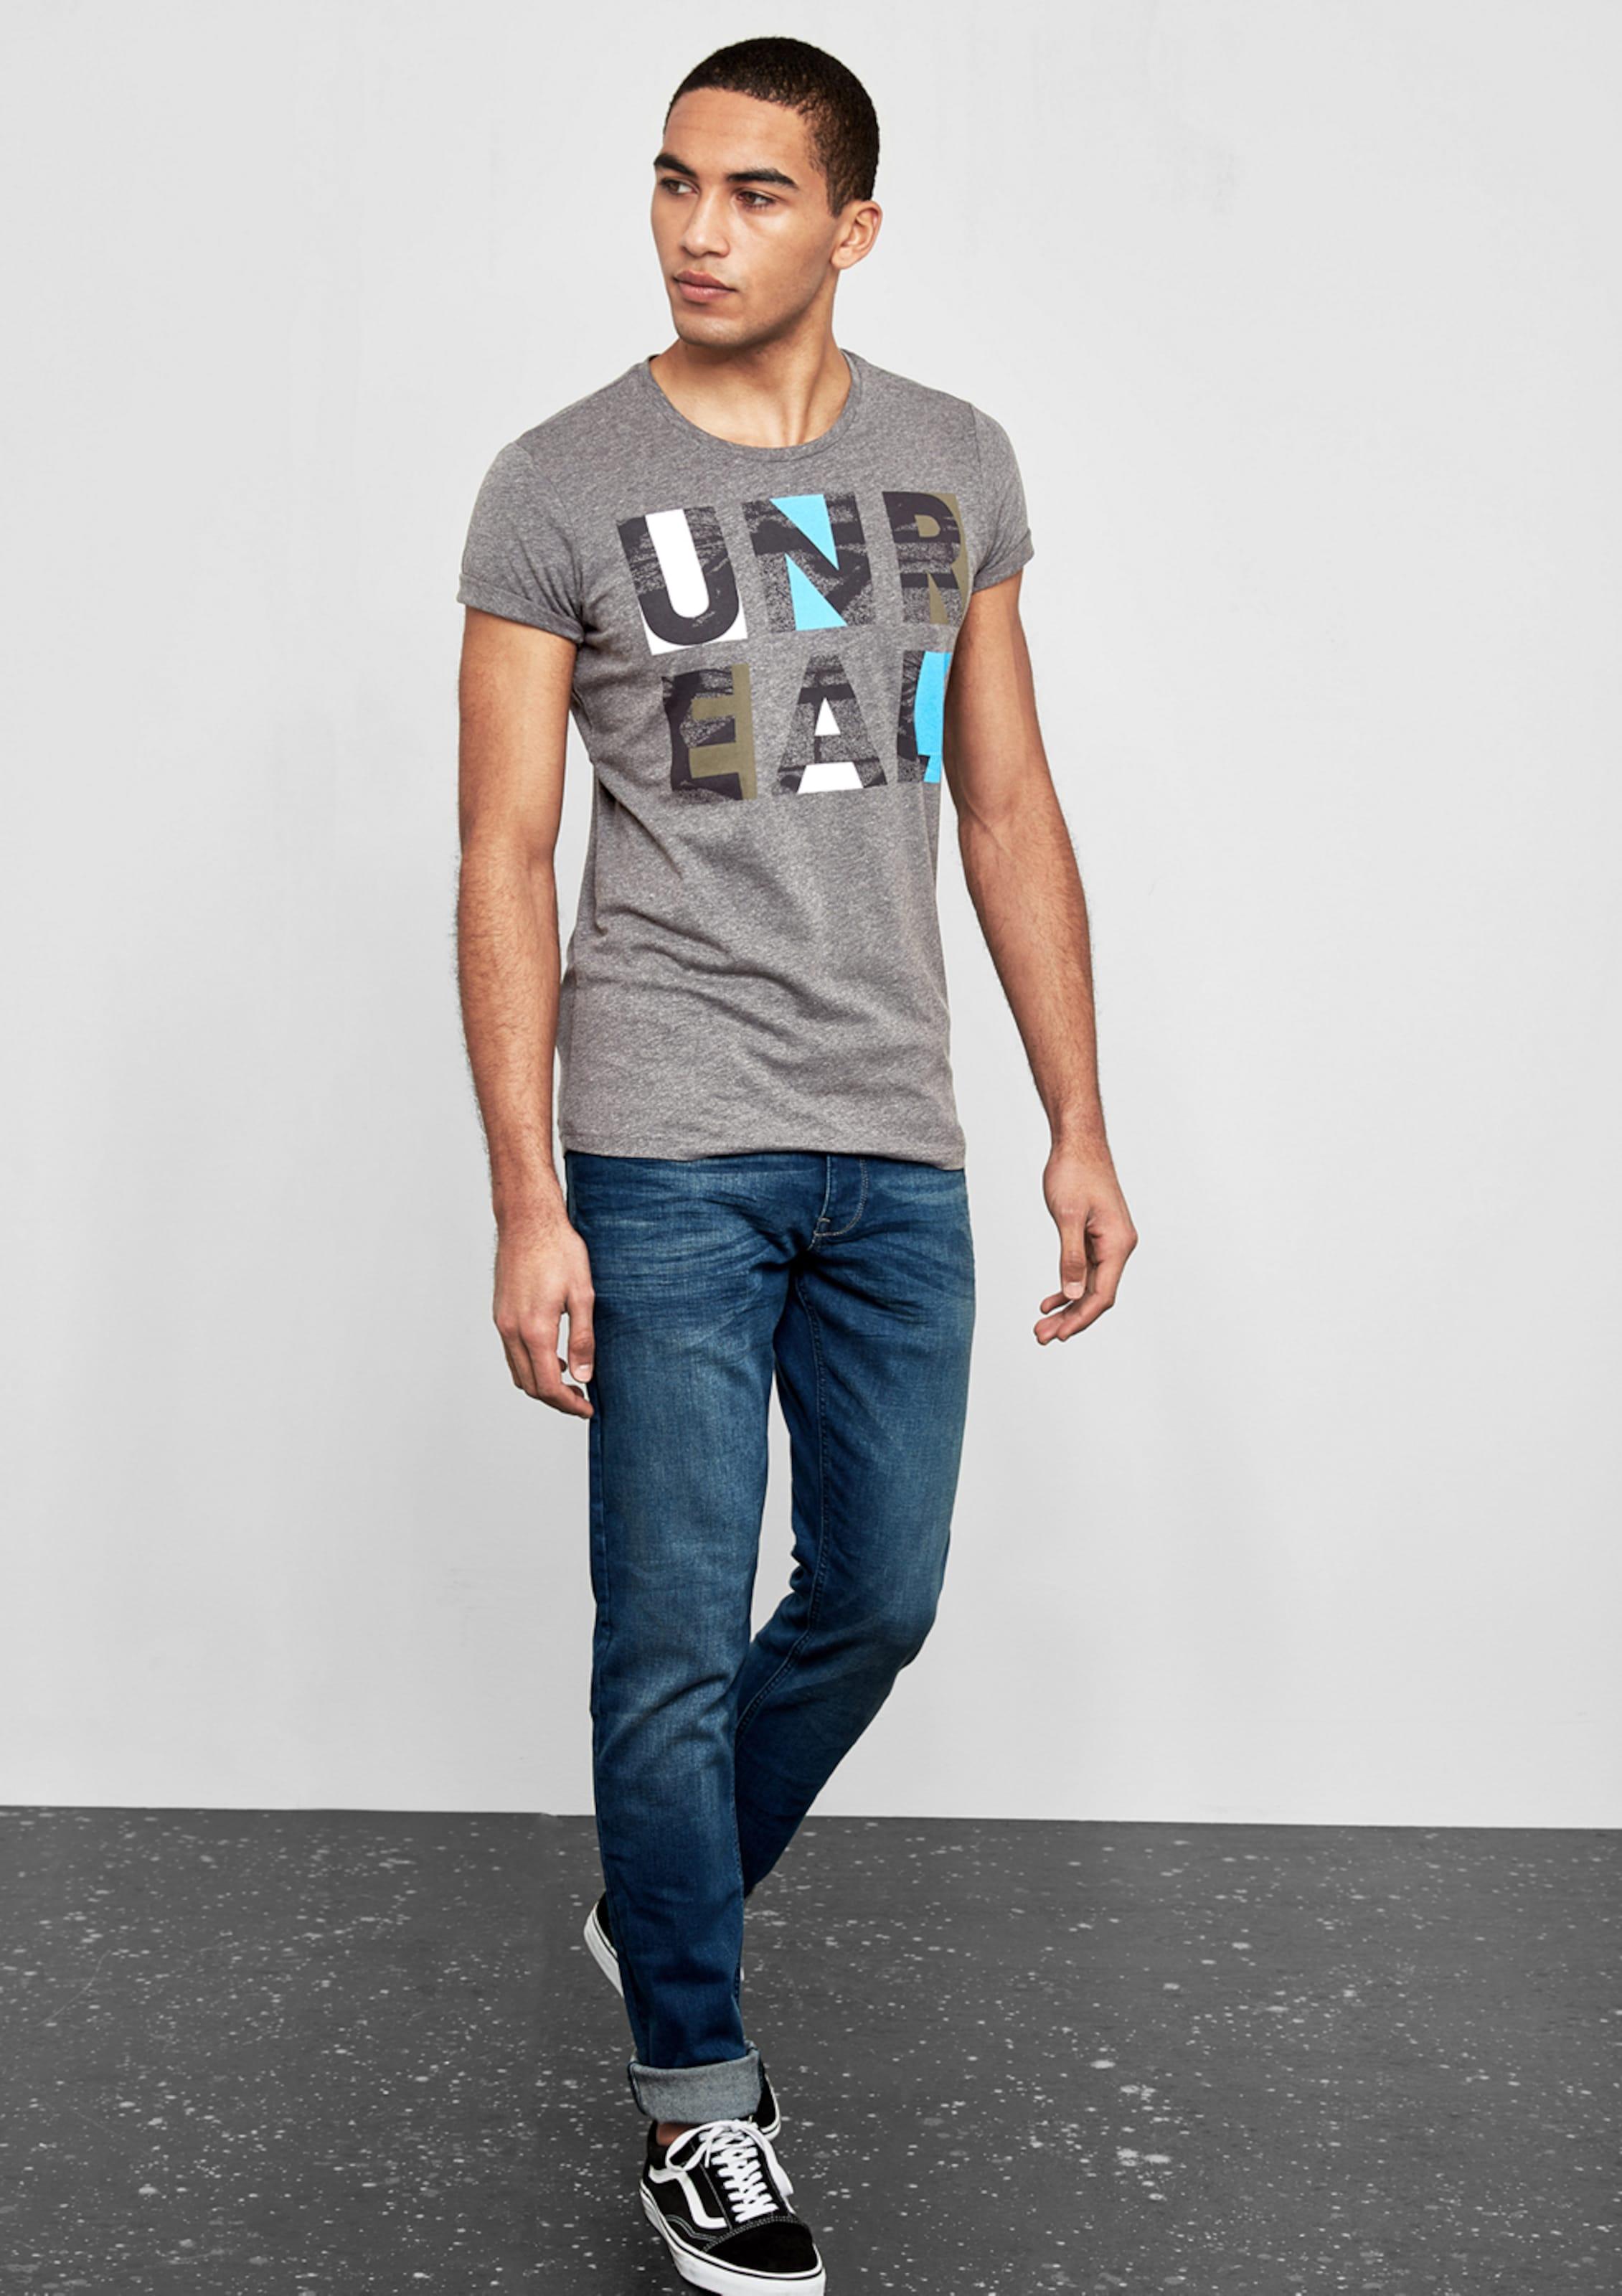 Q/S designed by Jerseyshirt mit Letter-Print Freiraum Für Schön 2018 Unisex Günstiger Preis Lieferung Frei Haus Mit Kreditkarte Auslasszwischenraum Store g3ivP